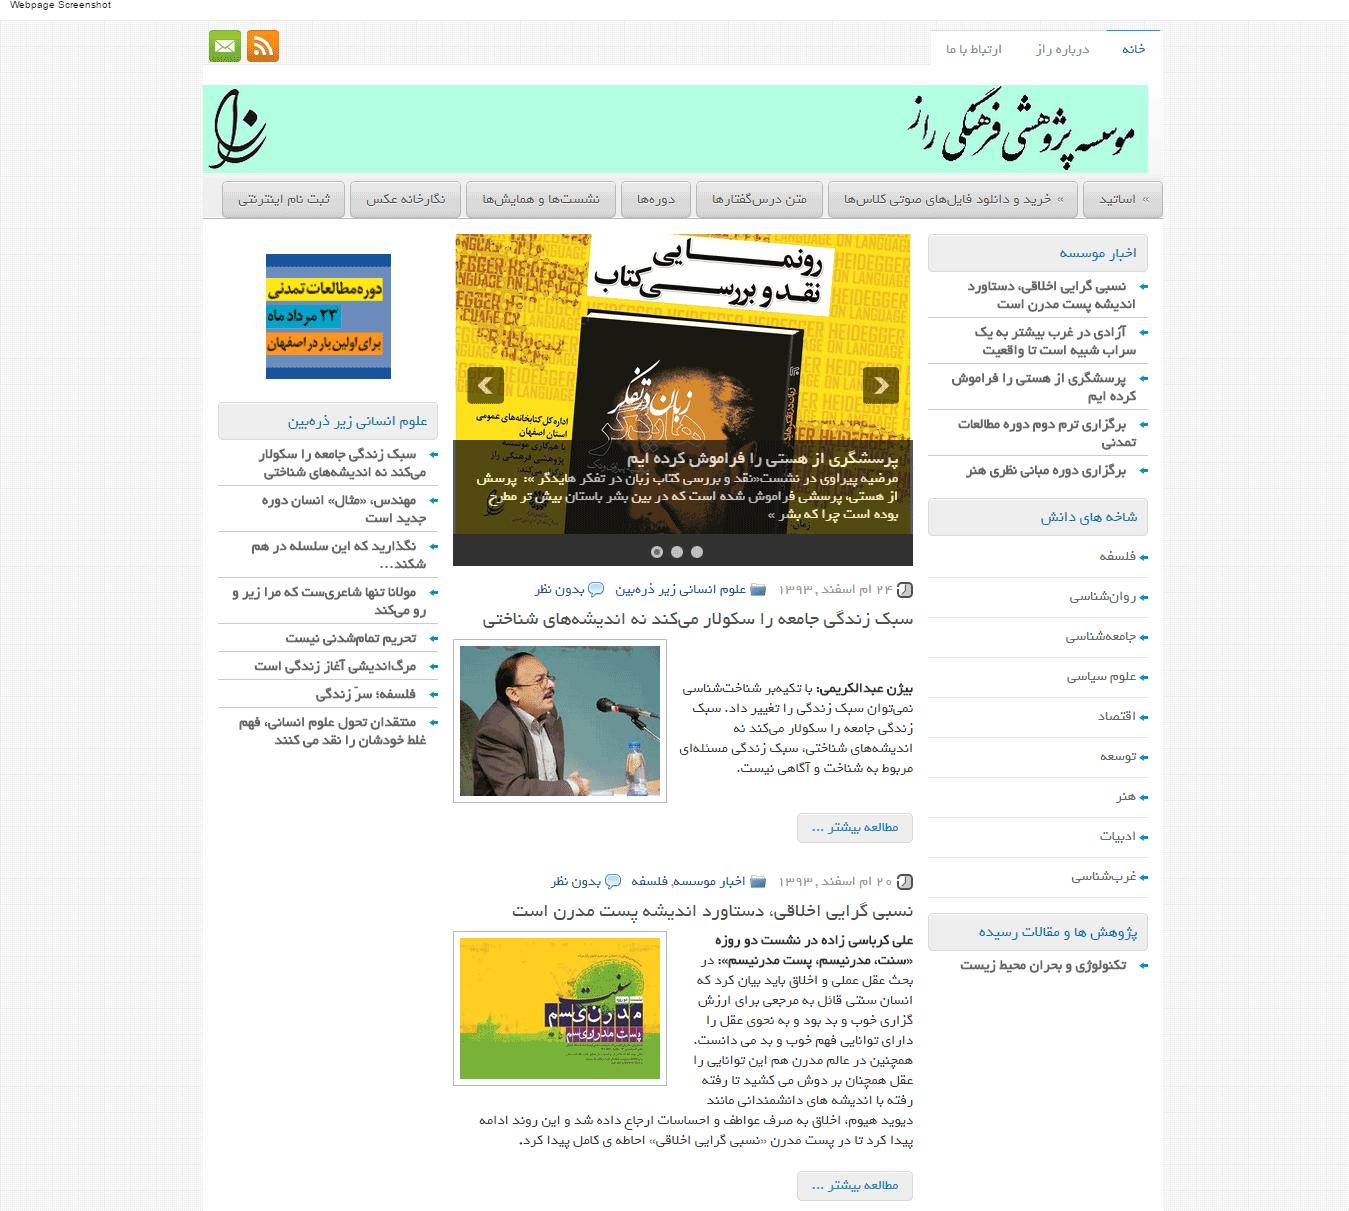 وب سایت موسسه پژوهشی فرهنگی راز